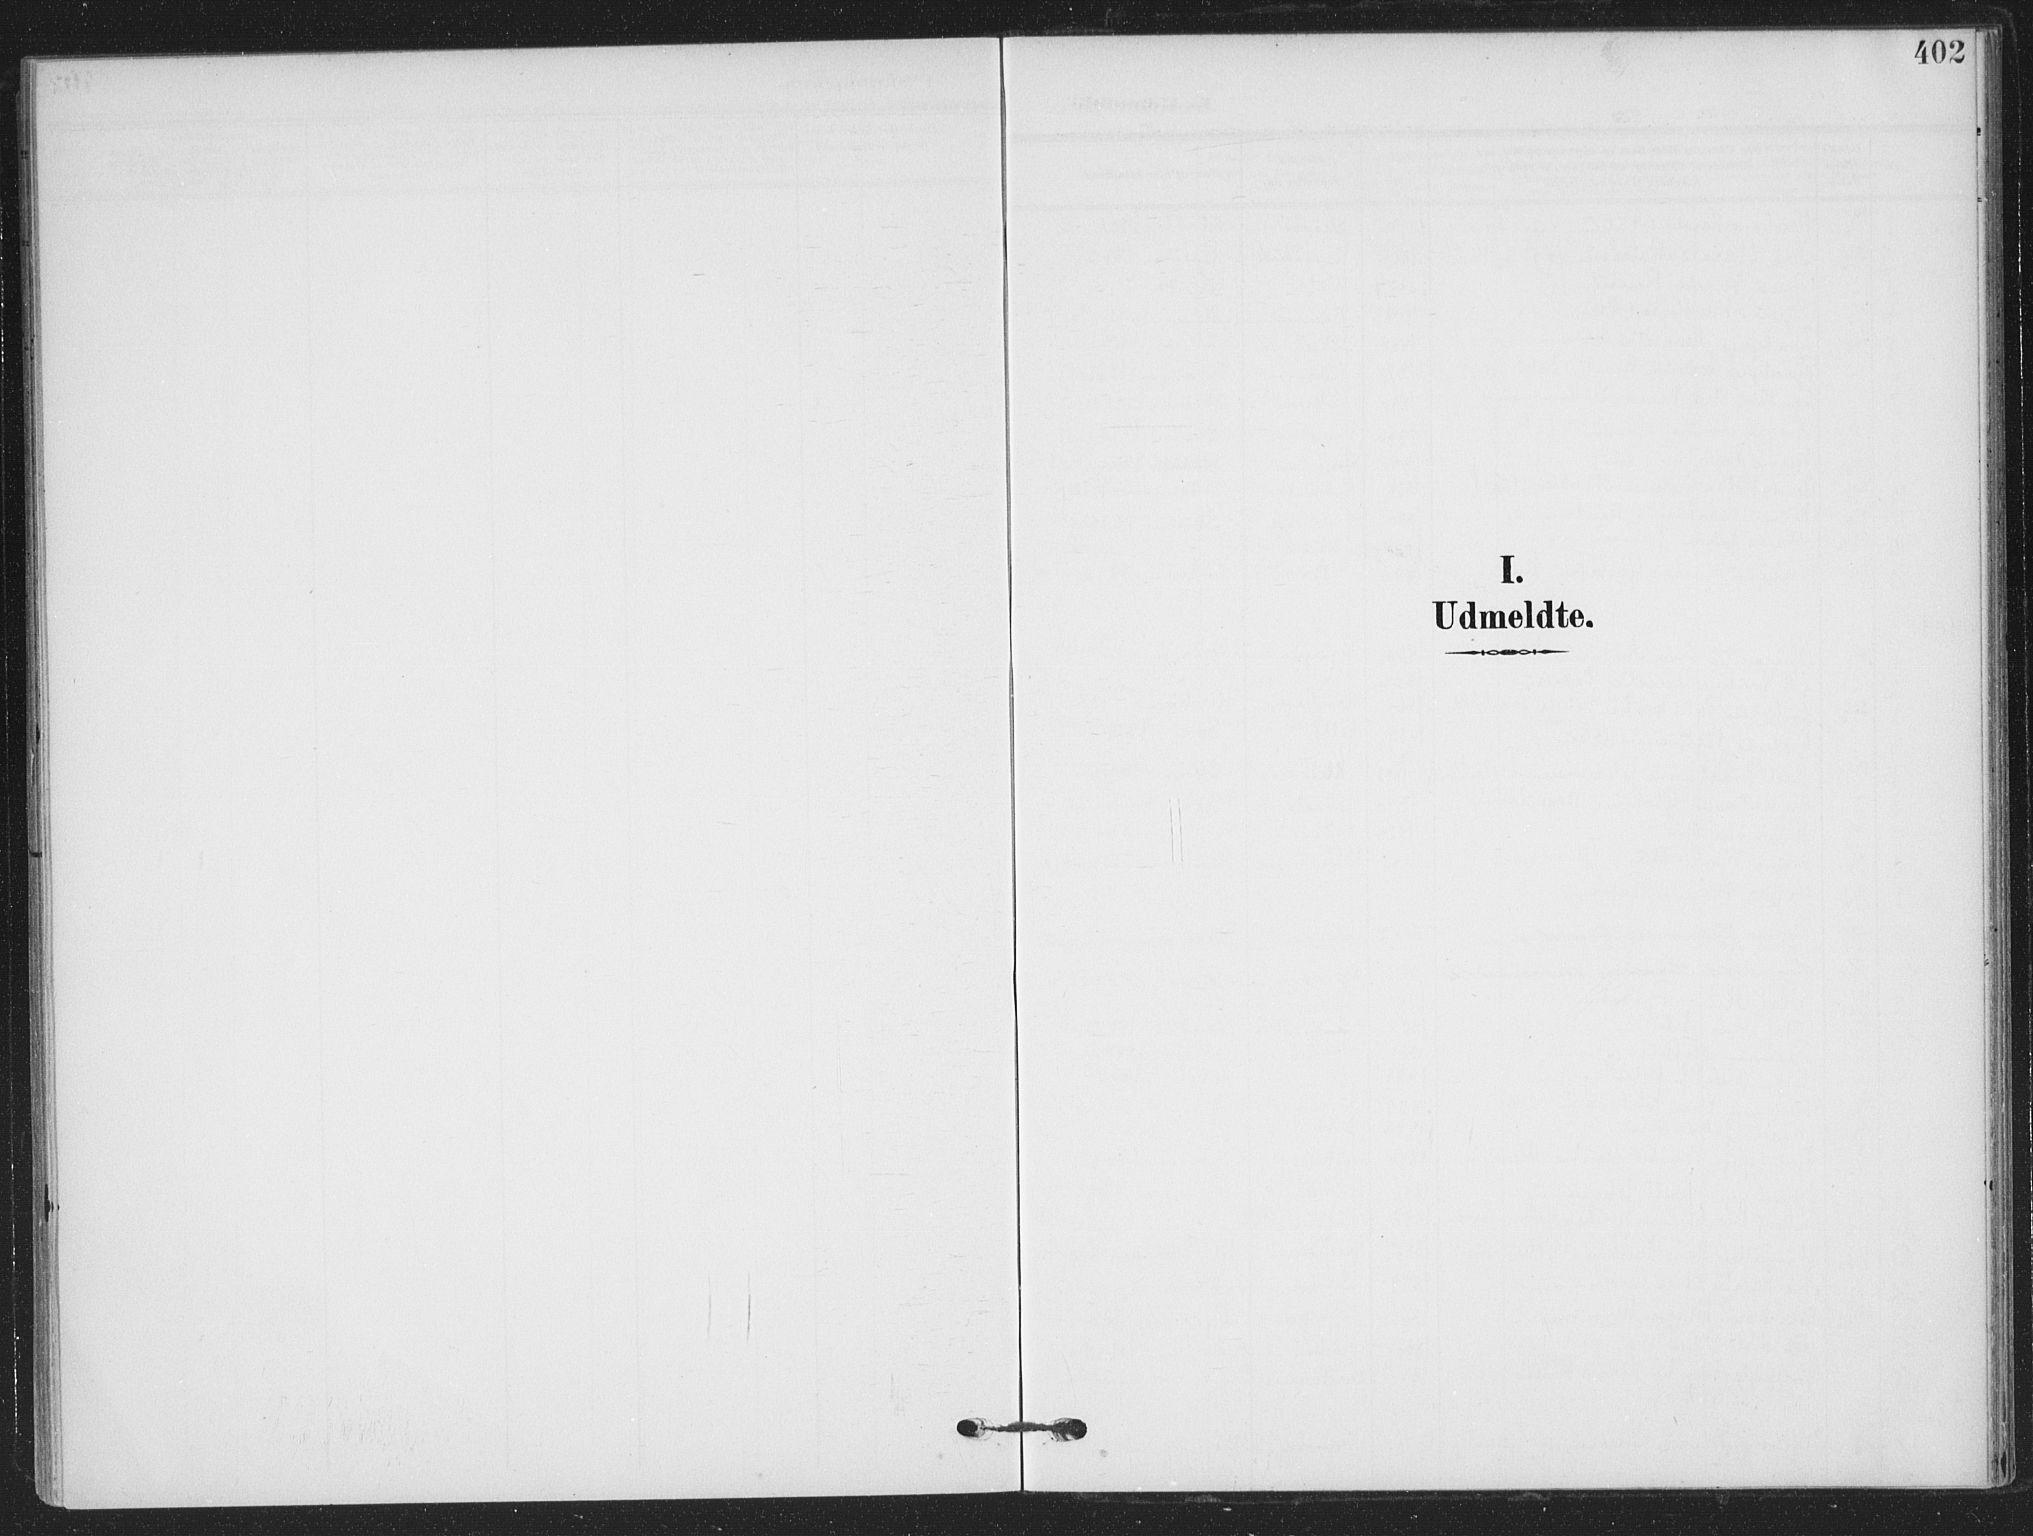 SAKO, Skien kirkebøker, F/Fa/L0012: Ministerialbok nr. 12, 1908-1914, s. 402